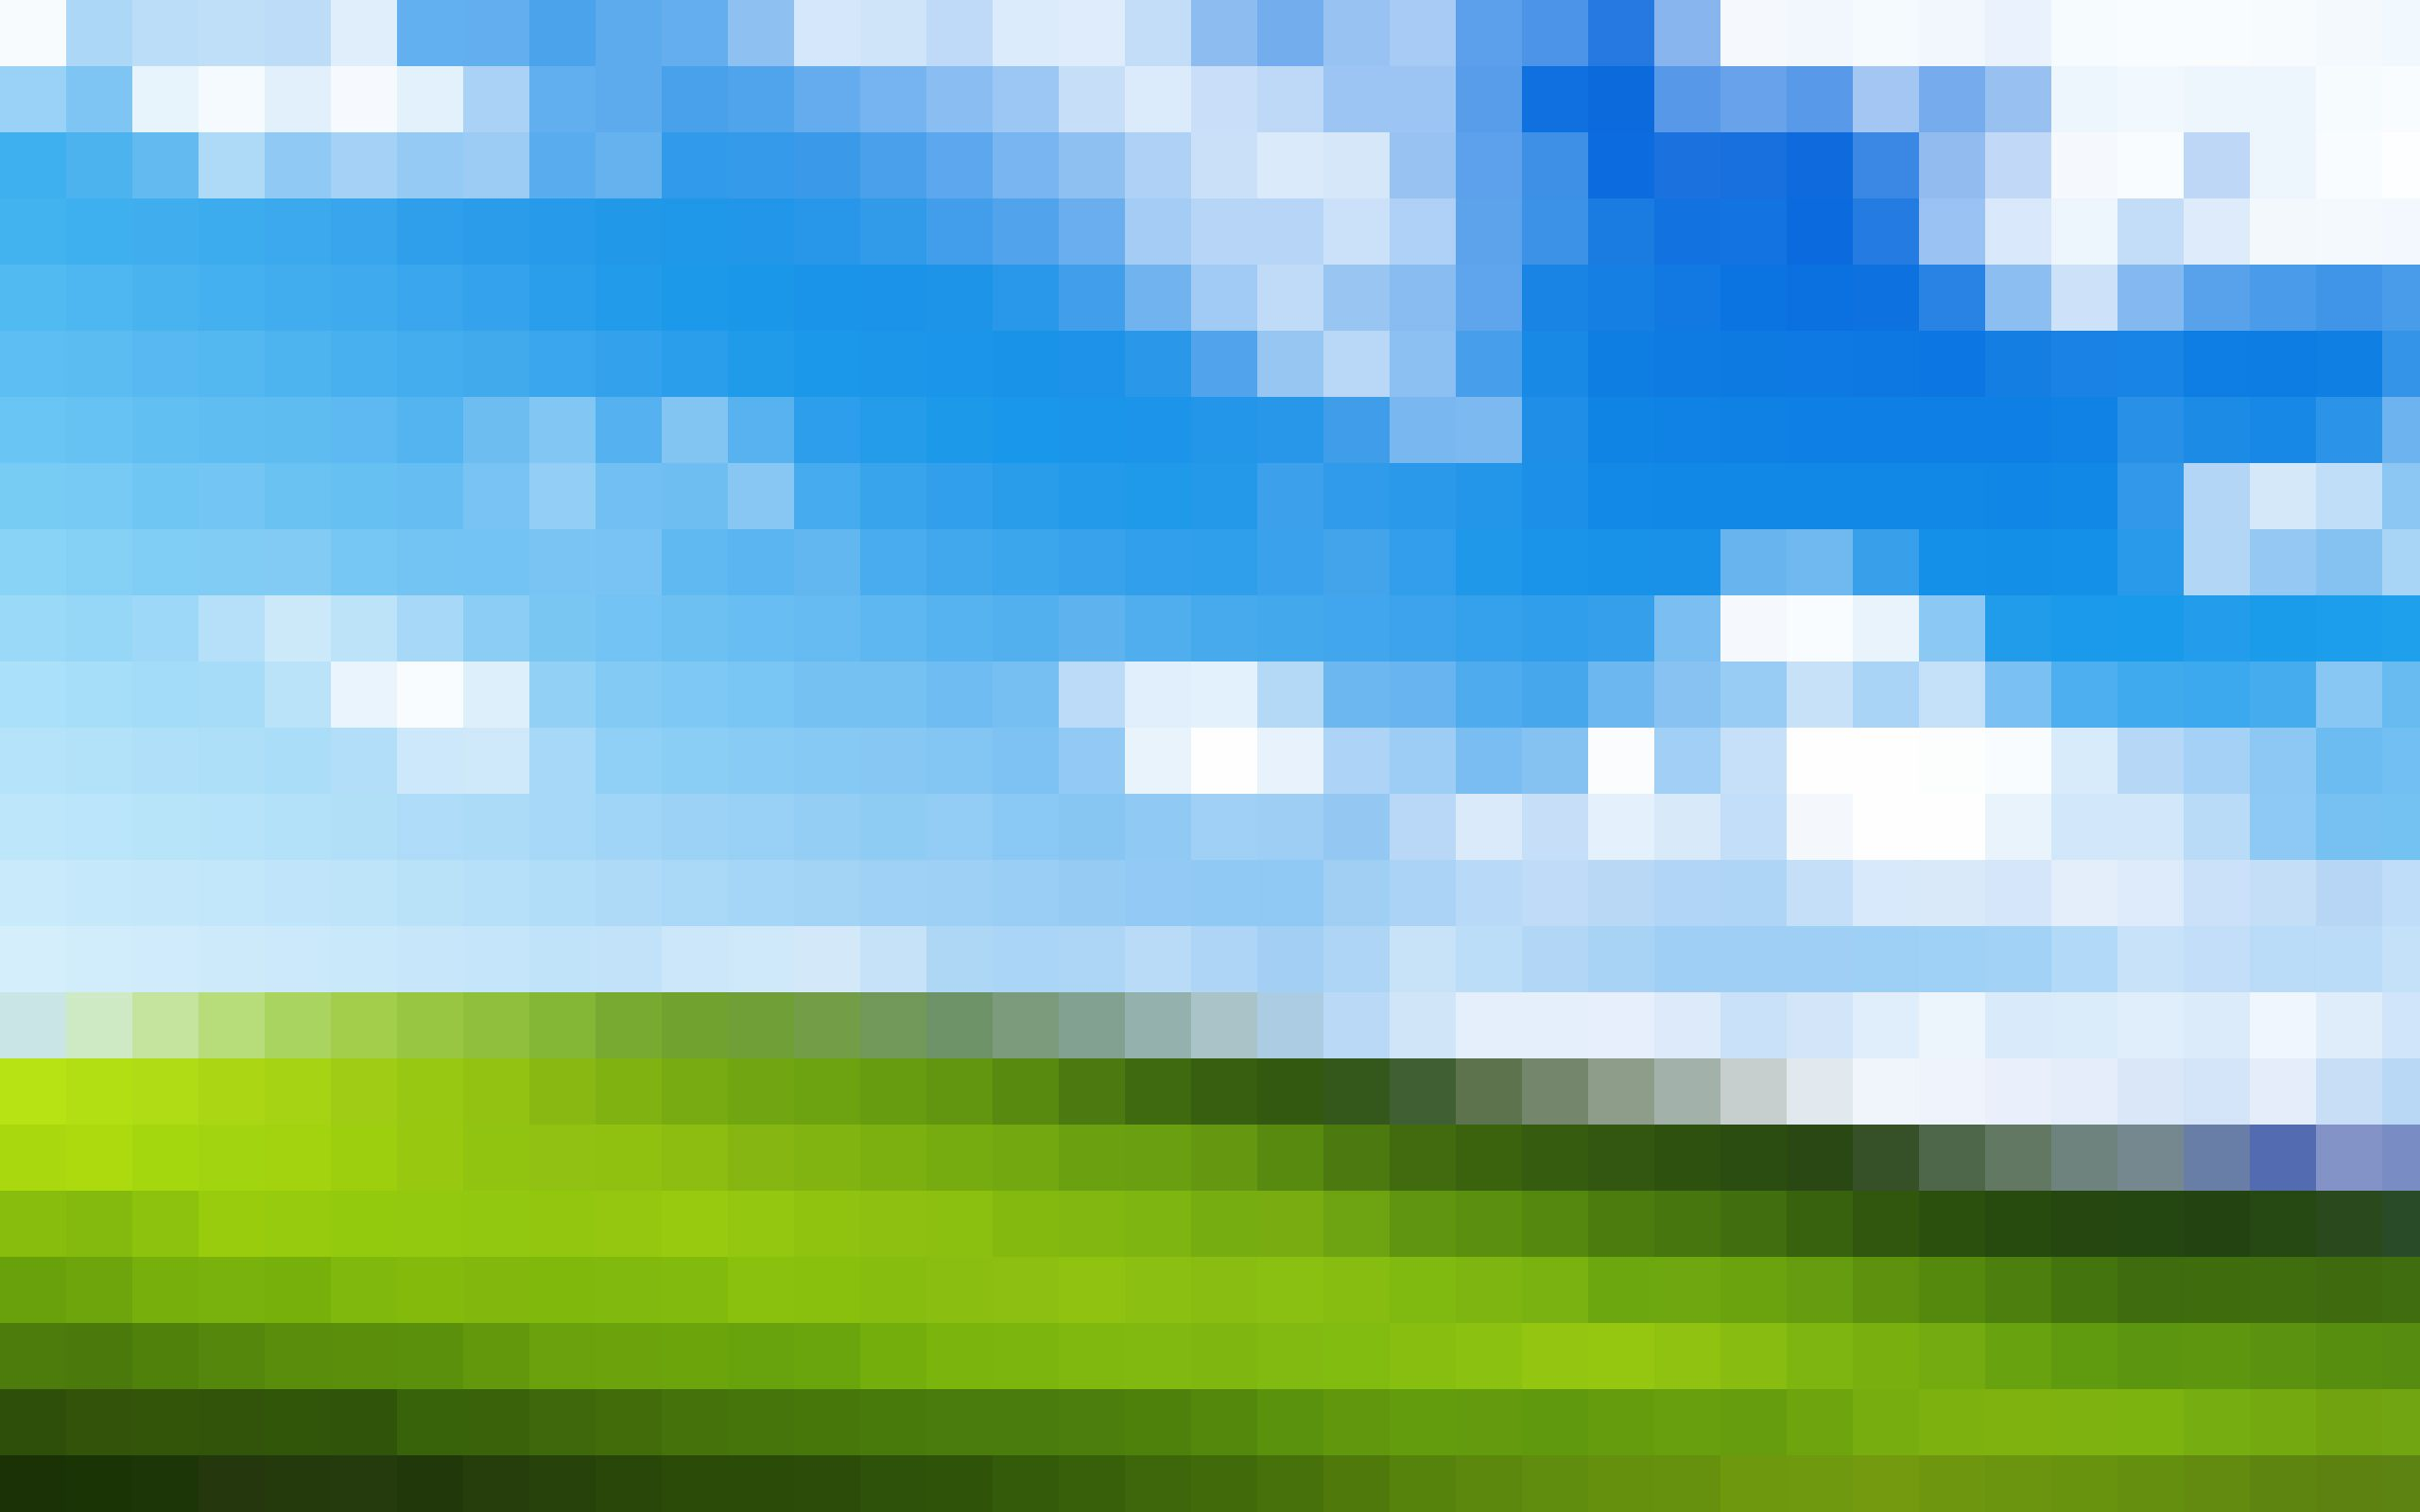 Windows Xp Pixels Mosaic Wallpaper Desktop Pictures